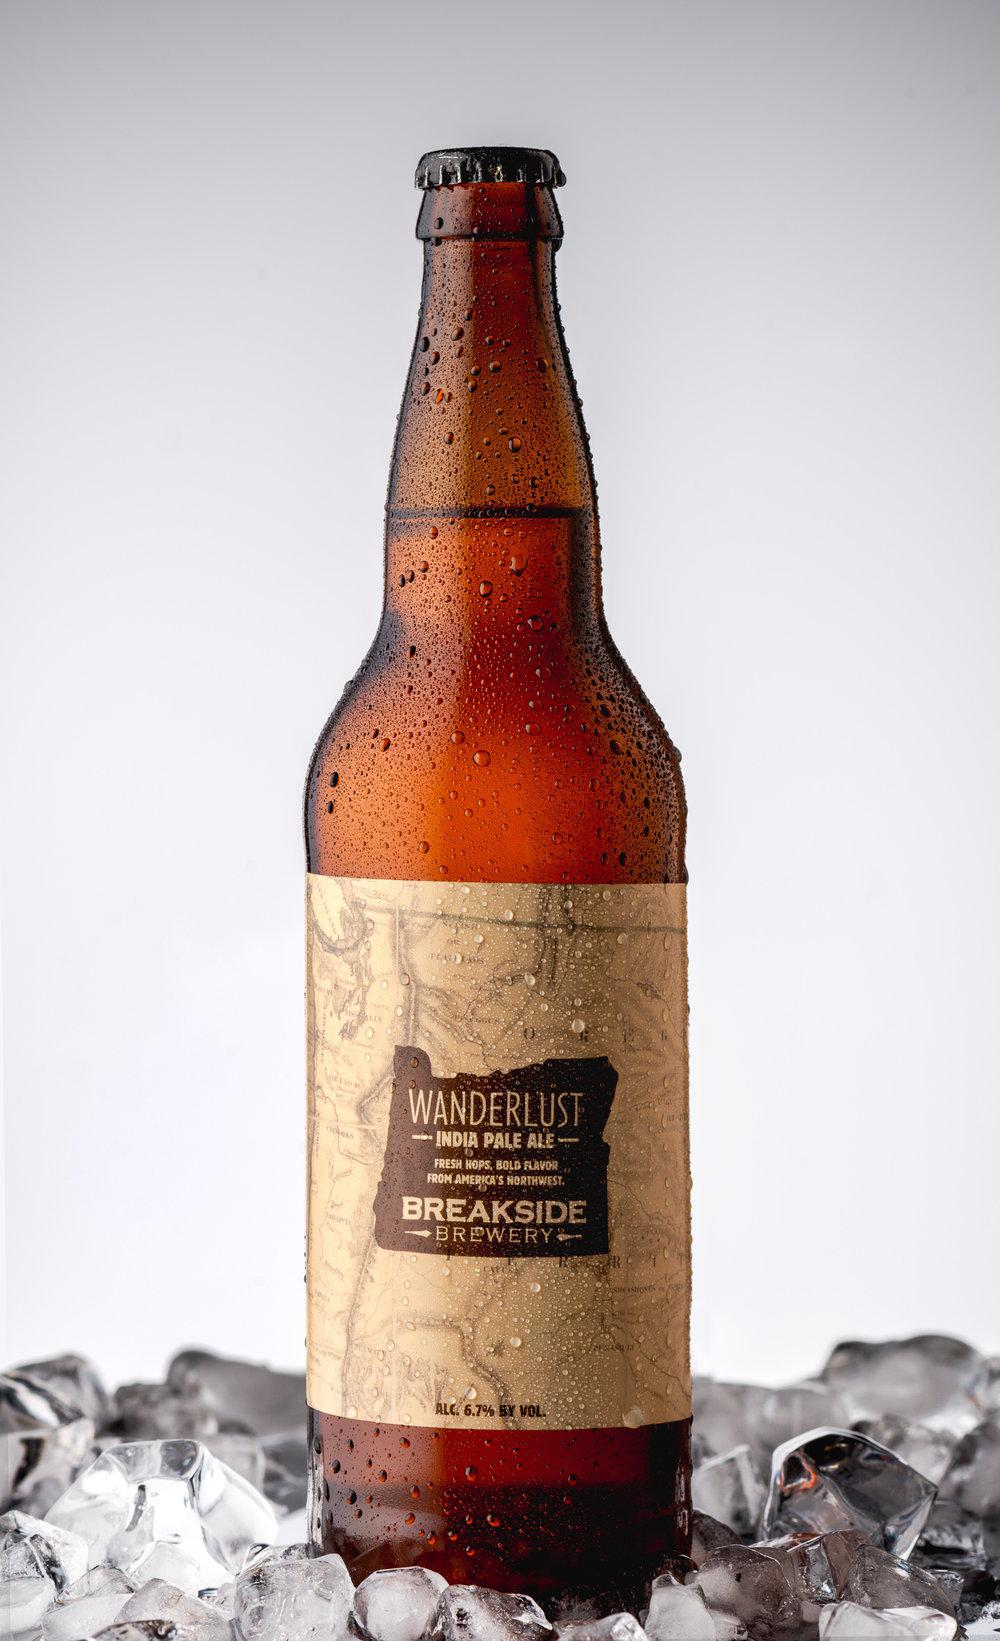 2015-12-03 Beer Bottle.jpg